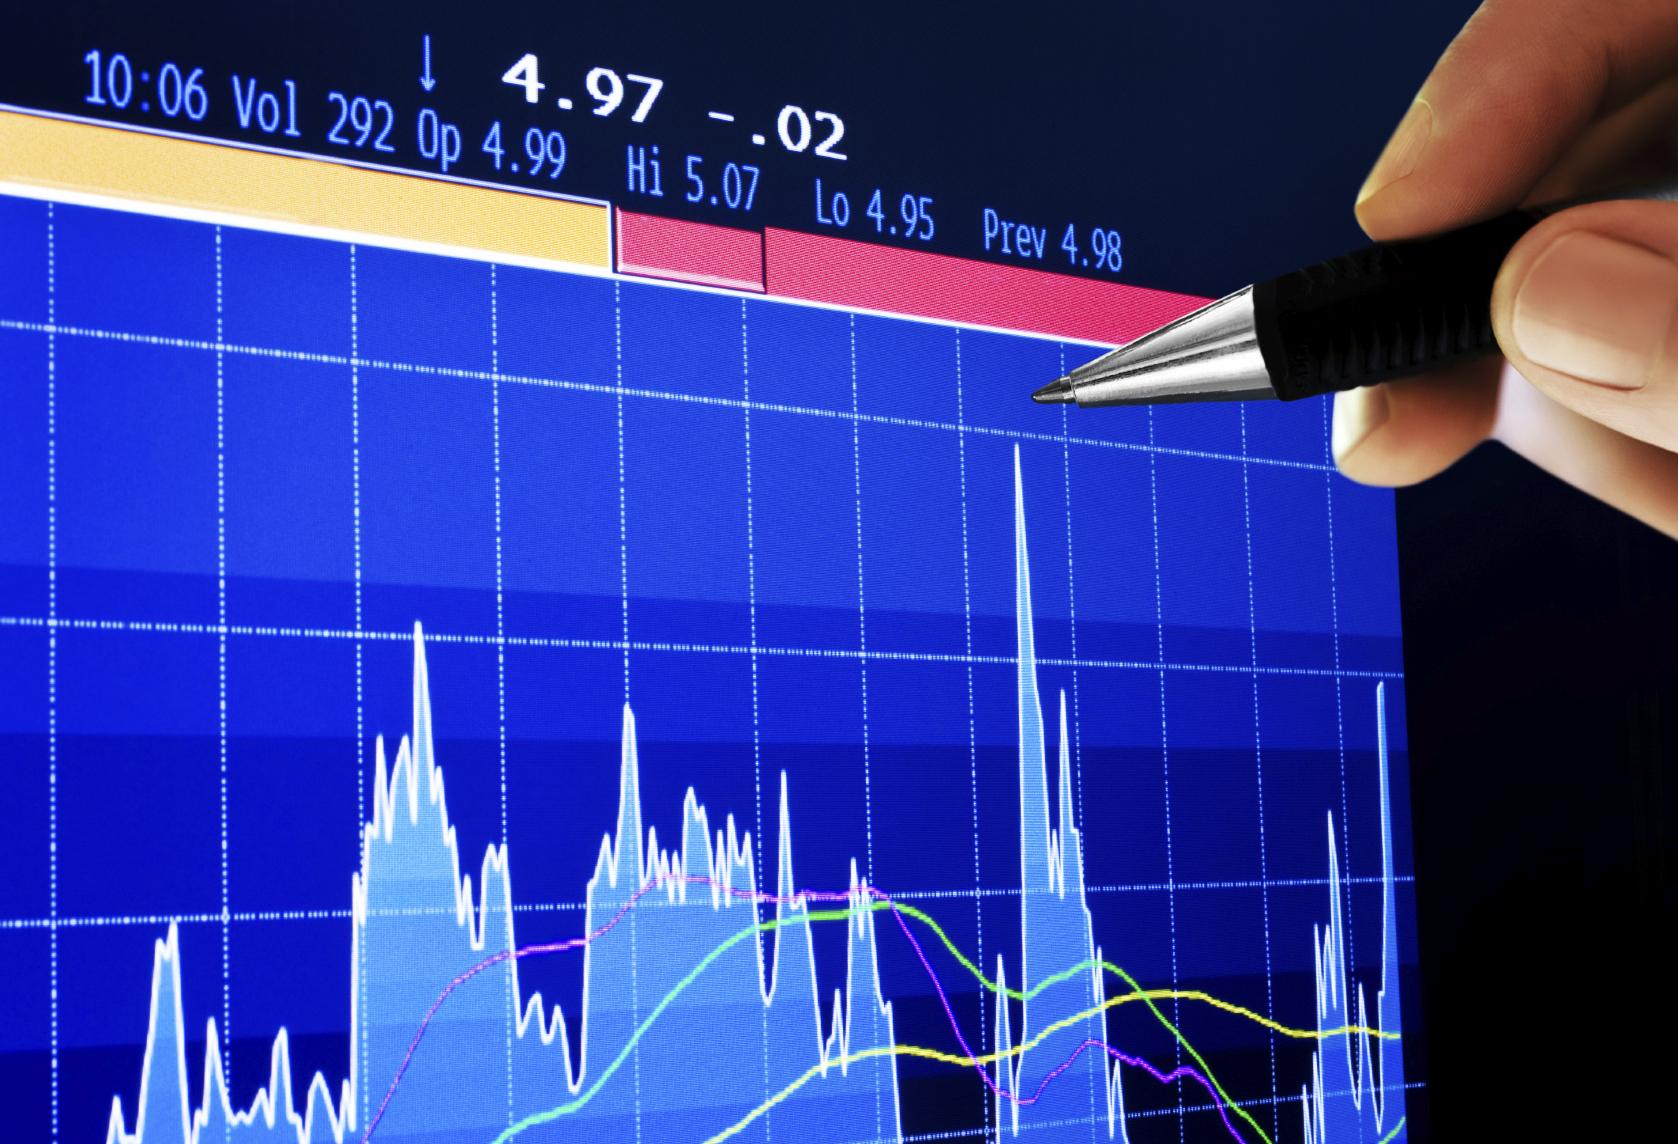 Dazi, la guerra internazionale provoca effetti sui mercati finanziari